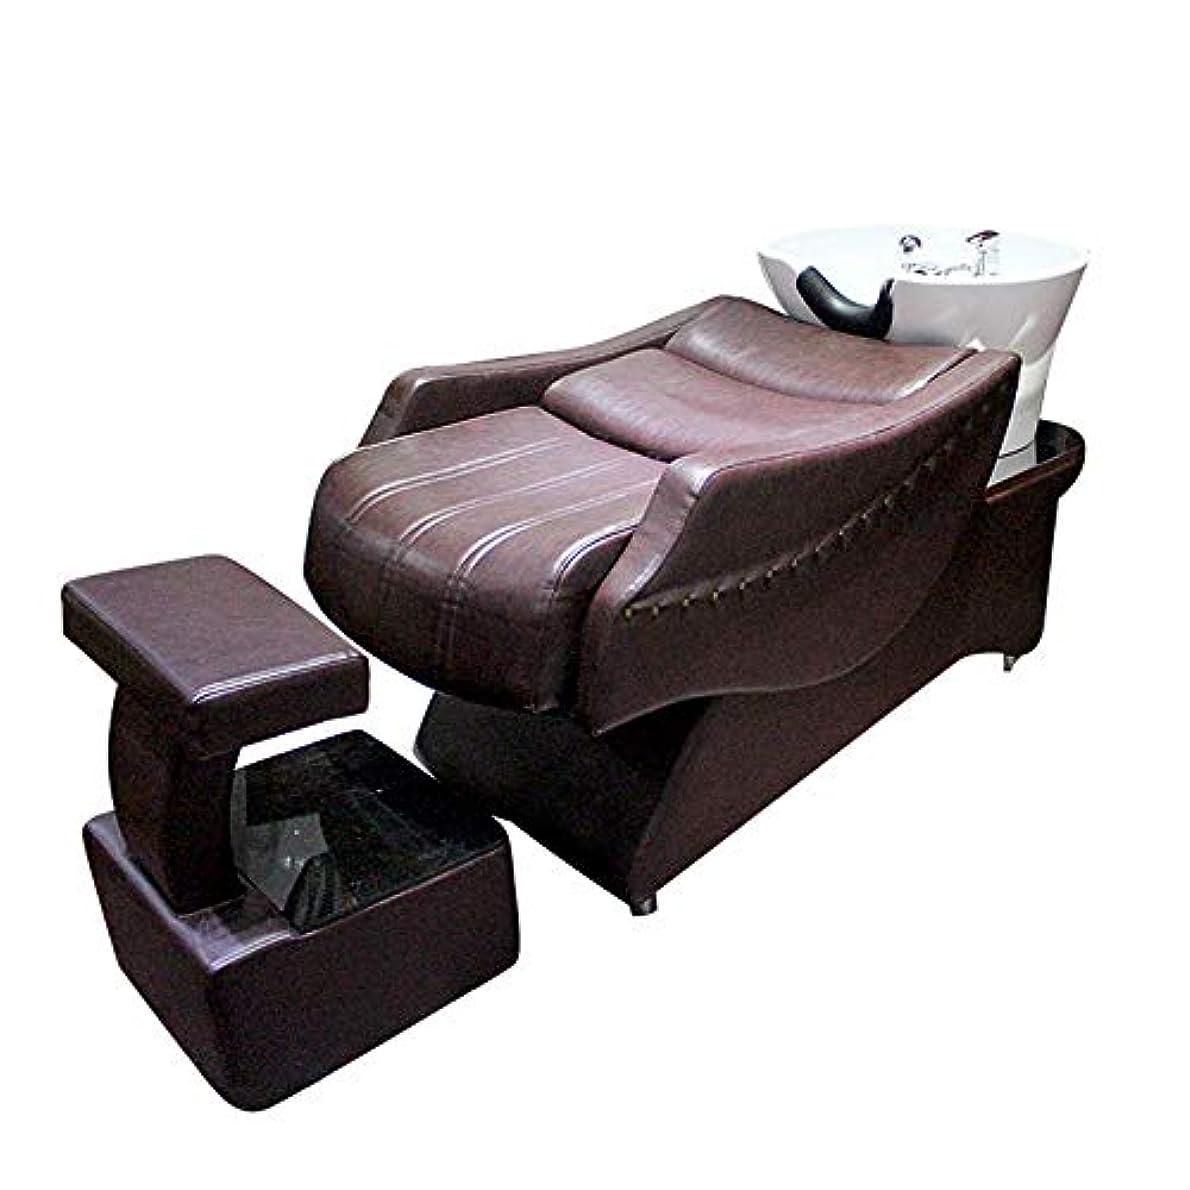 既に吸収する時代シャンプーチェア、半横になっているシャンプーベッドの逆洗ユニットシャンプーボウル理髪シンクシンクチェア用スパ美容院機器